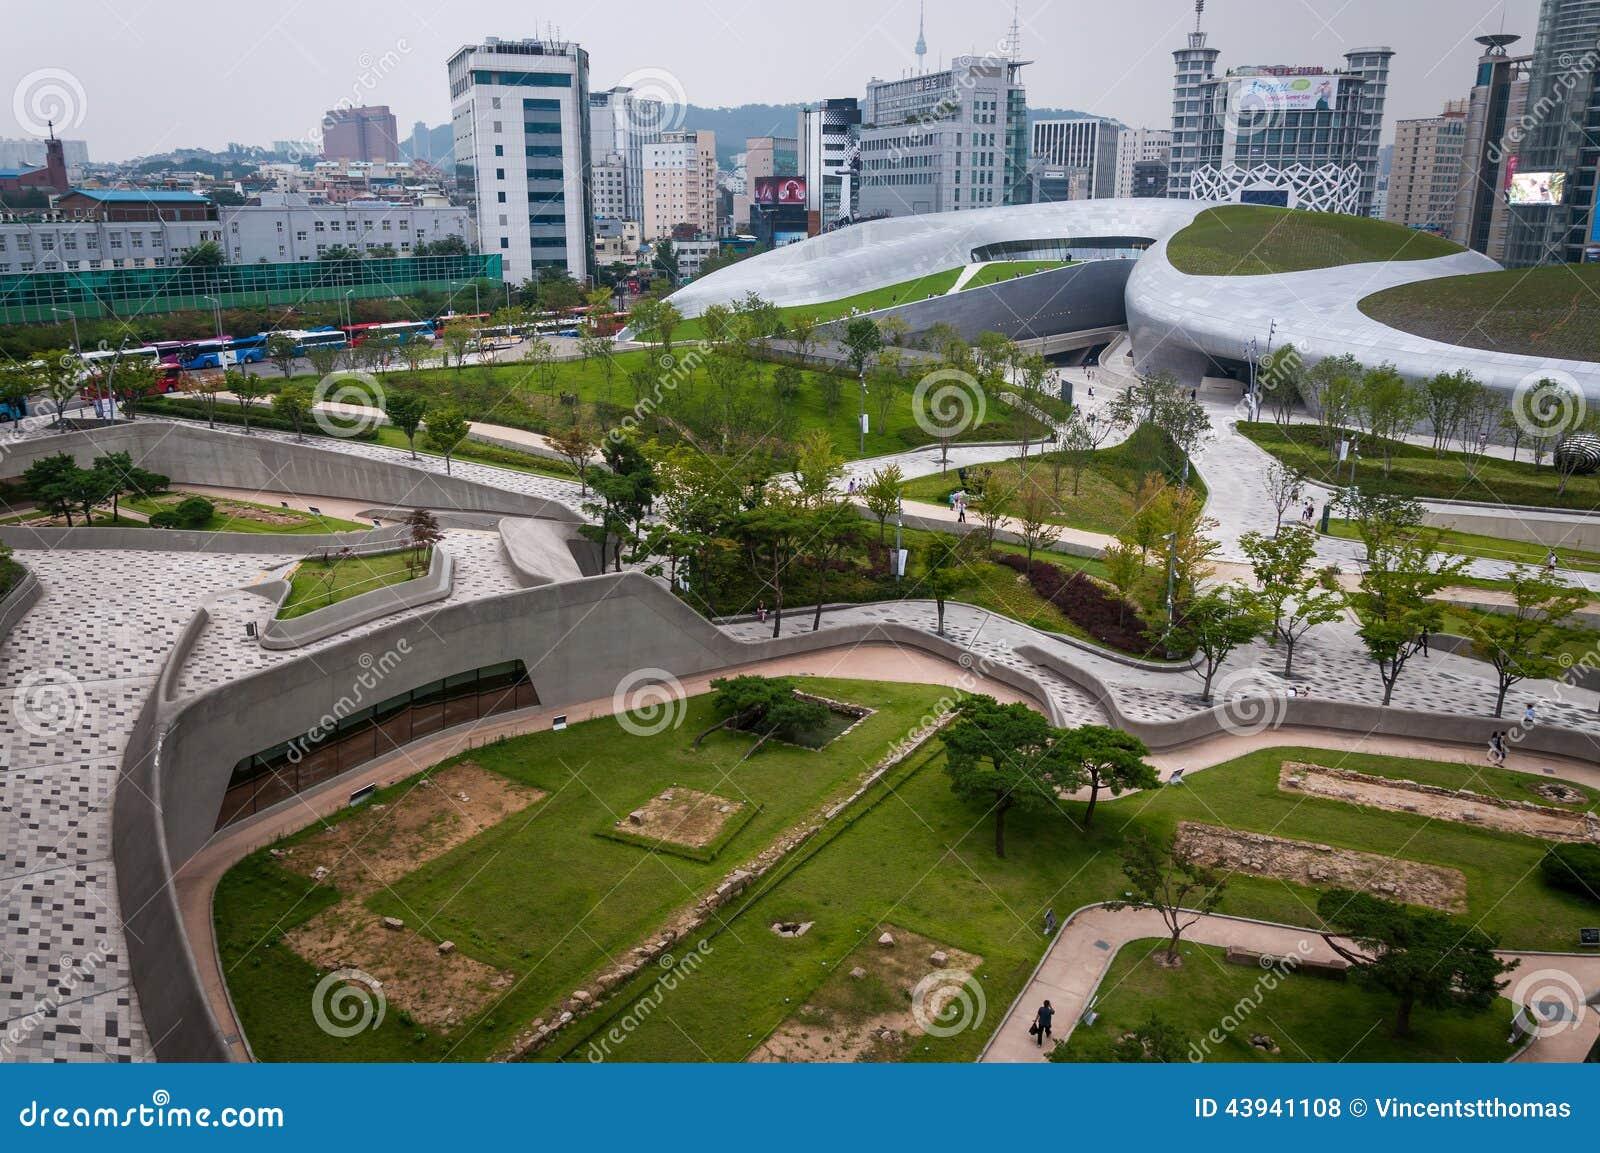 Plaza del dise o de dongdaemun foto de archivo editorial - Diseno de fotos ...